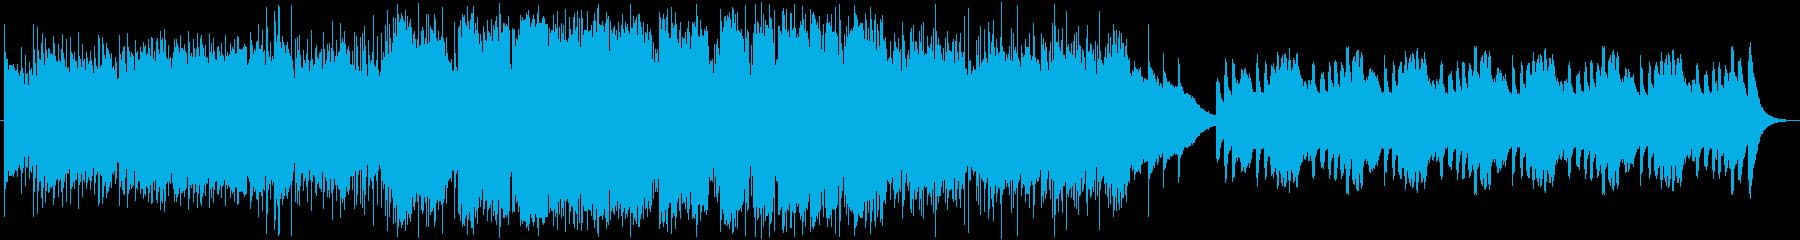 悲しいイメージのバラードの再生済みの波形